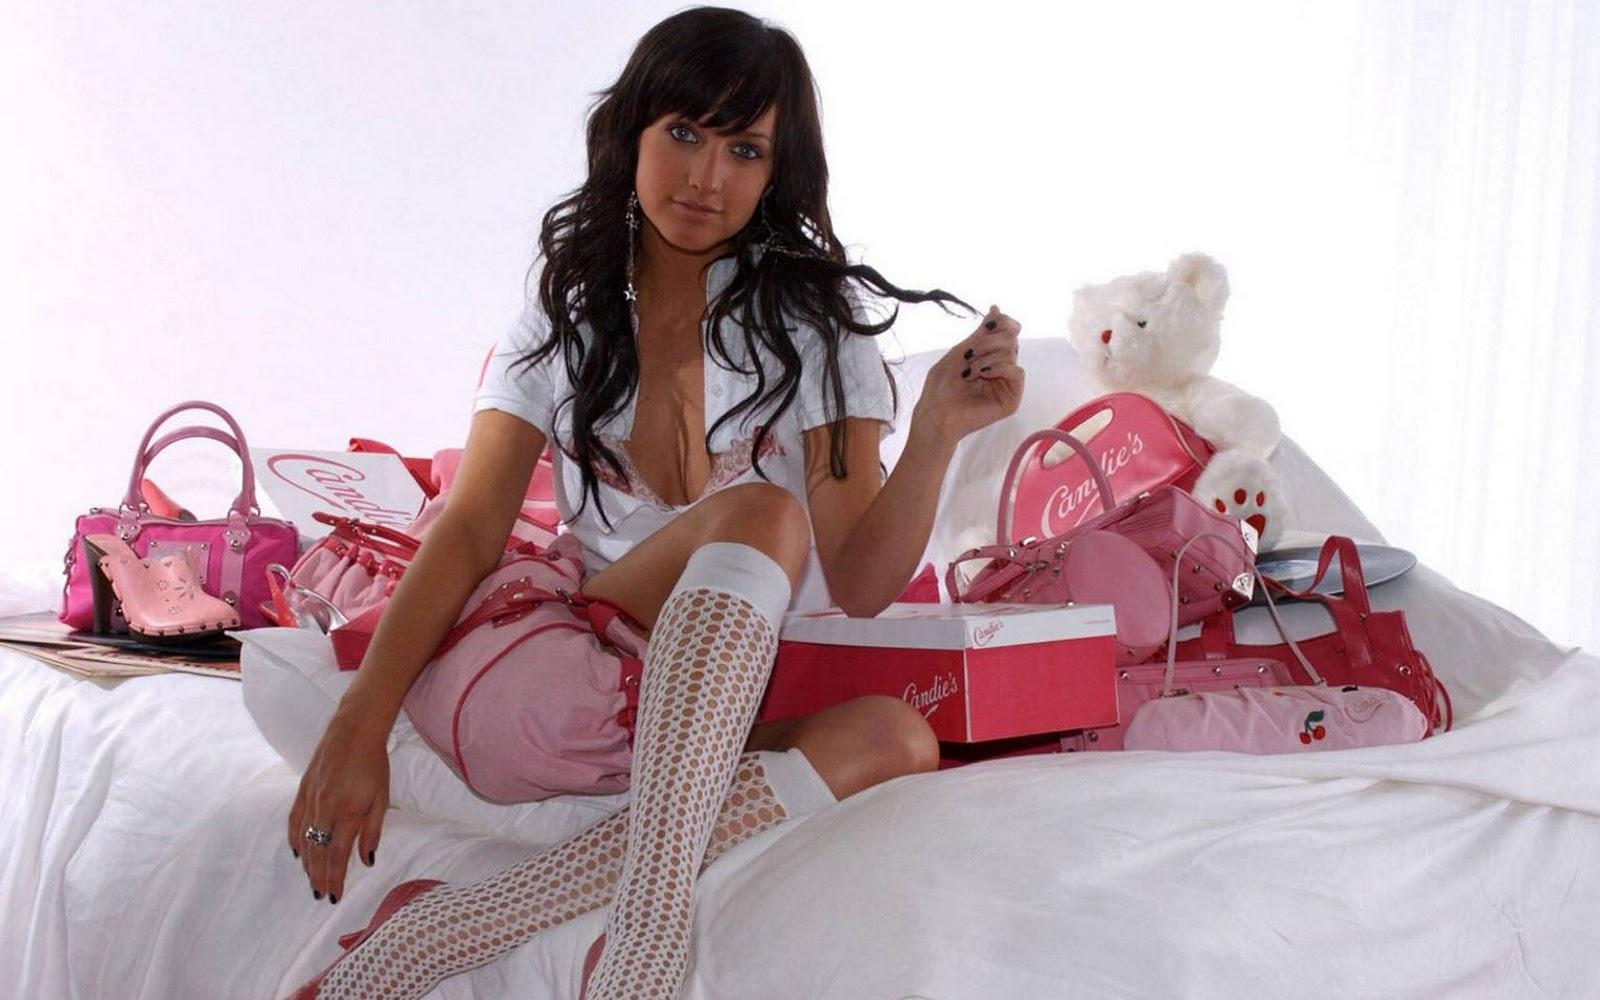 http://4.bp.blogspot.com/-vT6srXze4-s/TxEXZIx9IDI/AAAAAAAANhU/AXtwKWQ1xgM/s1600/64154_ashlee650_122_971lo.jpg